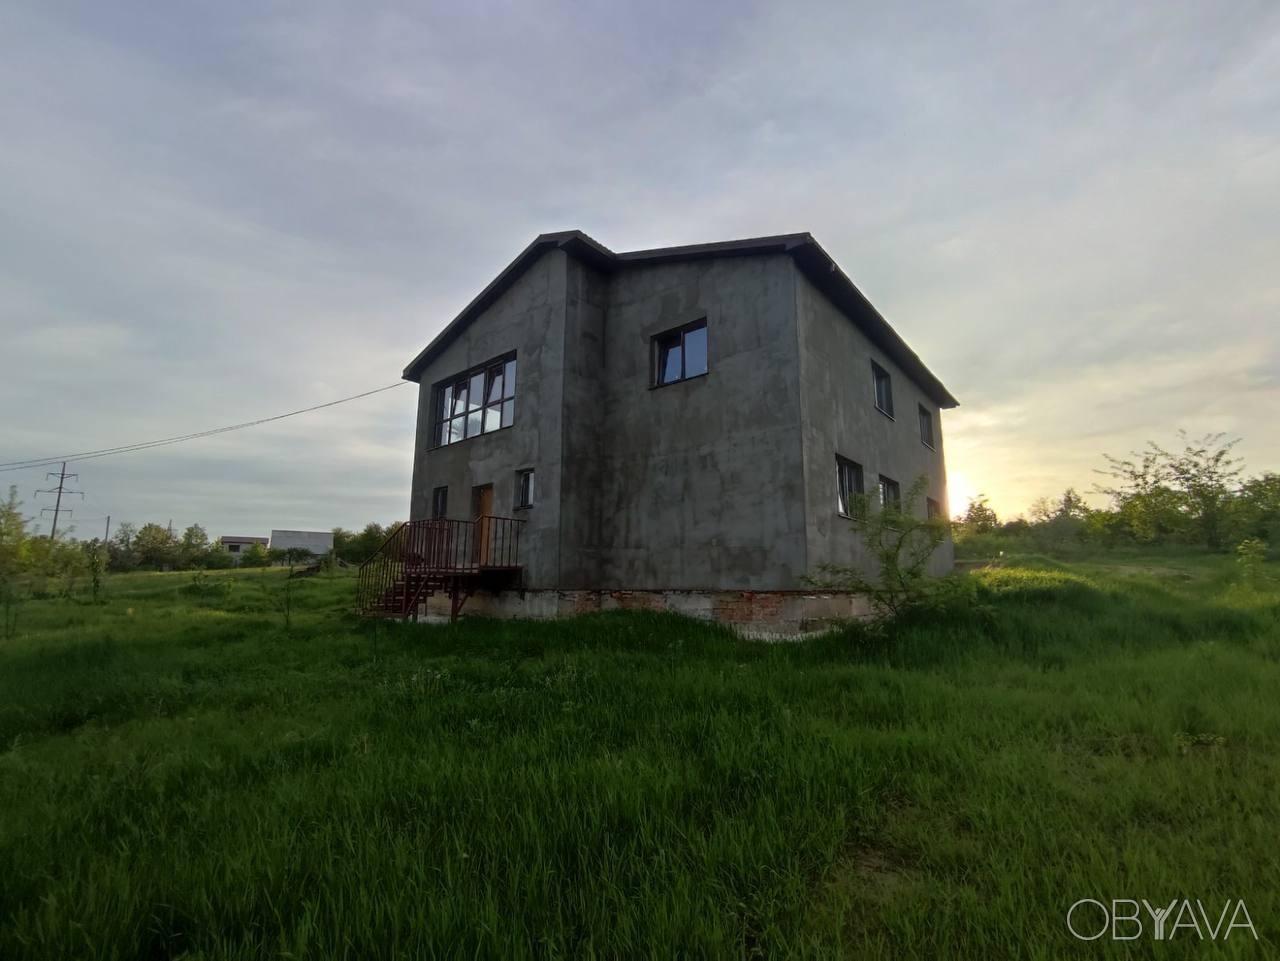 Продам ? дом, г. Харьков                               в р-не Большая Даниловка                                 фото